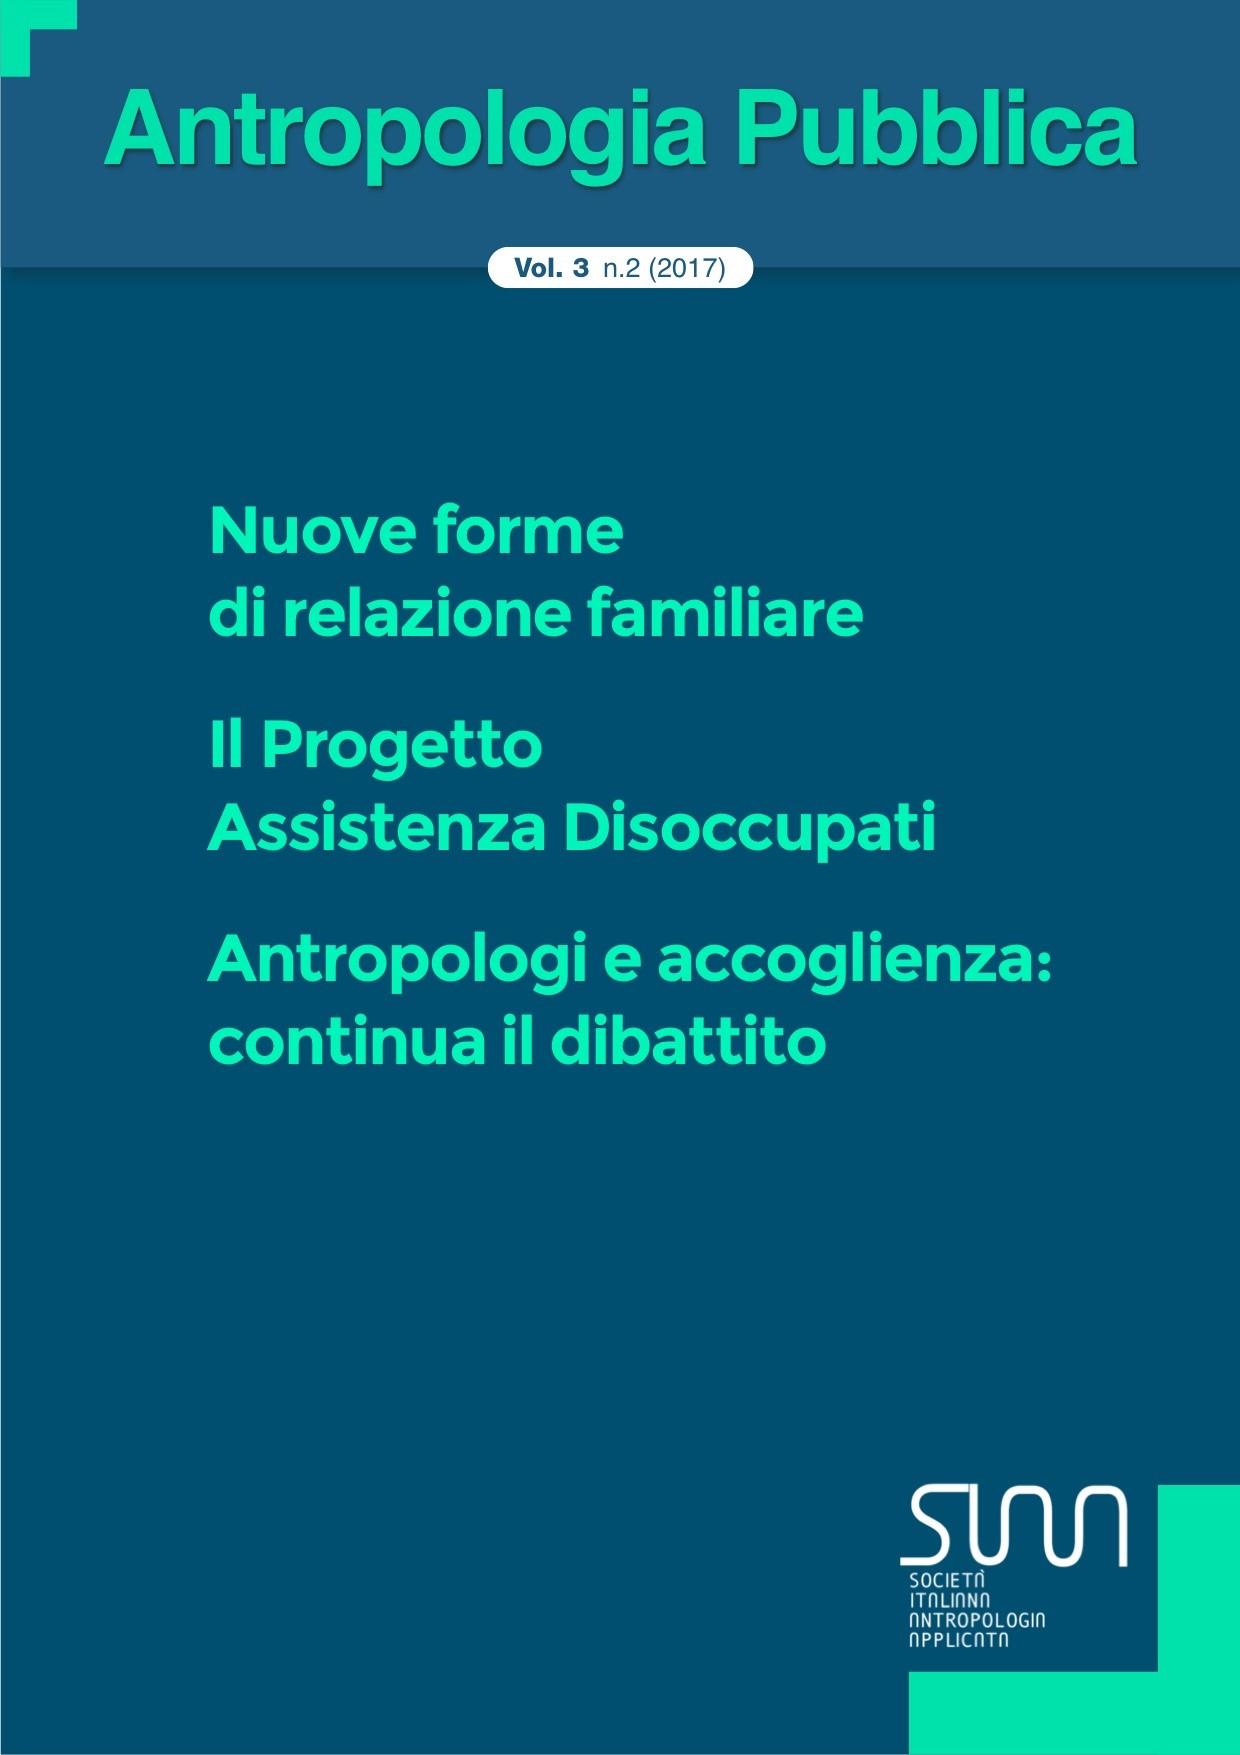 antropologia pubblica 3 (2) 2017 nuove forme di relazione familiare